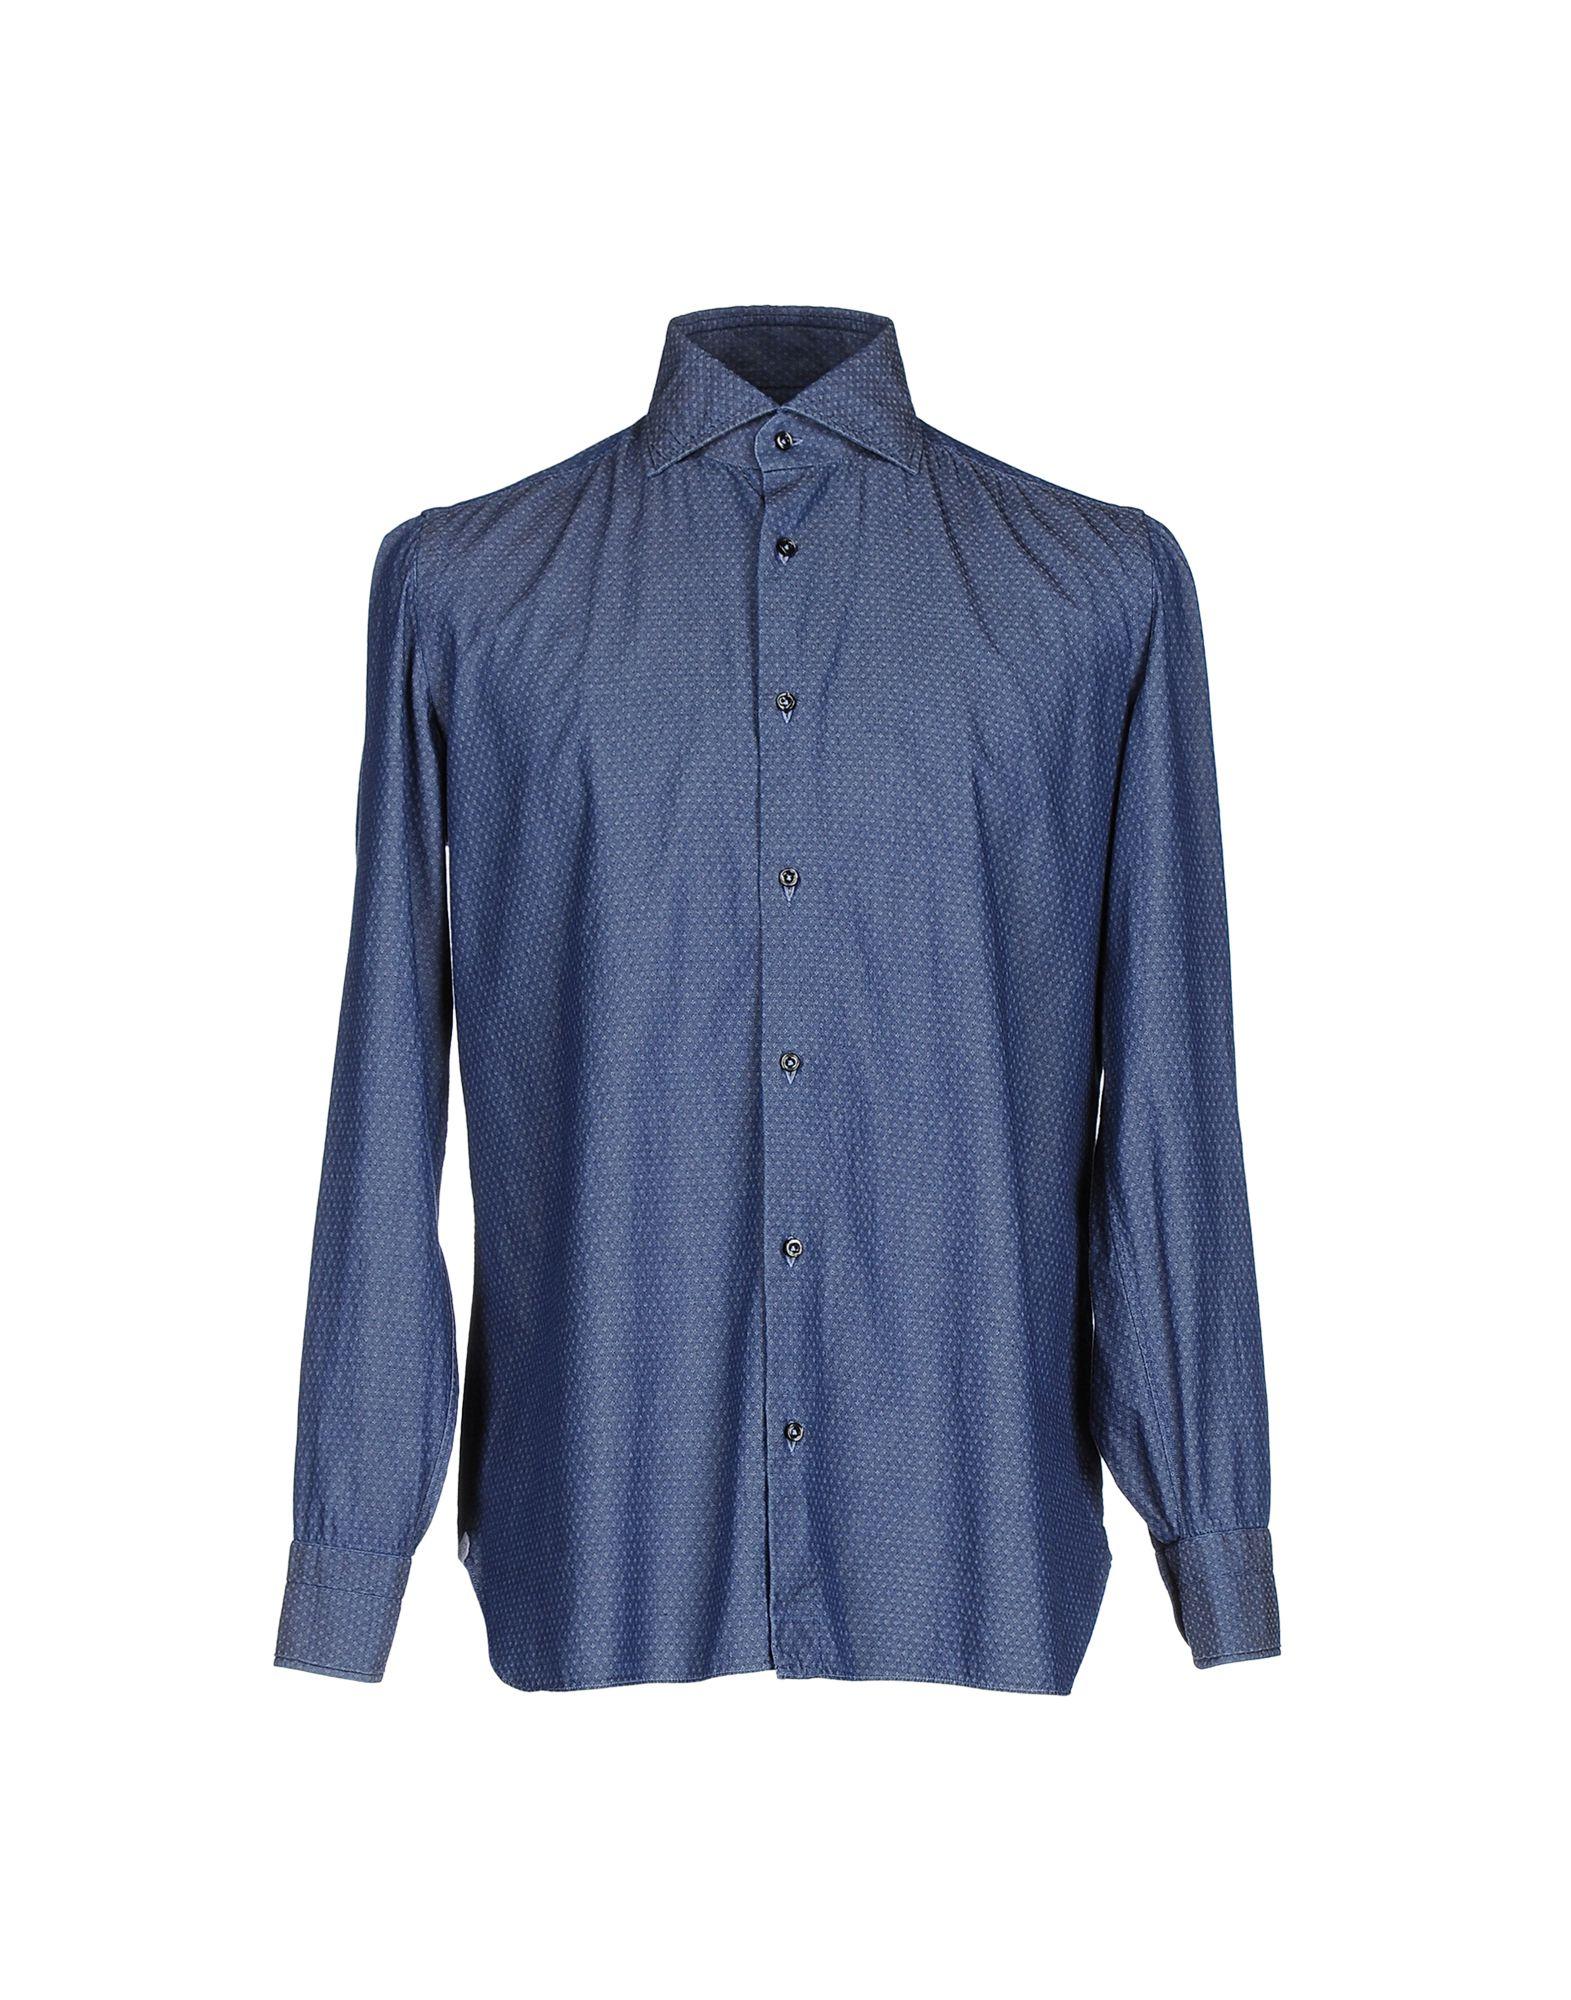 где купить  LUIGI BORRELLI NAPOLI Джинсовая рубашка  по лучшей цене